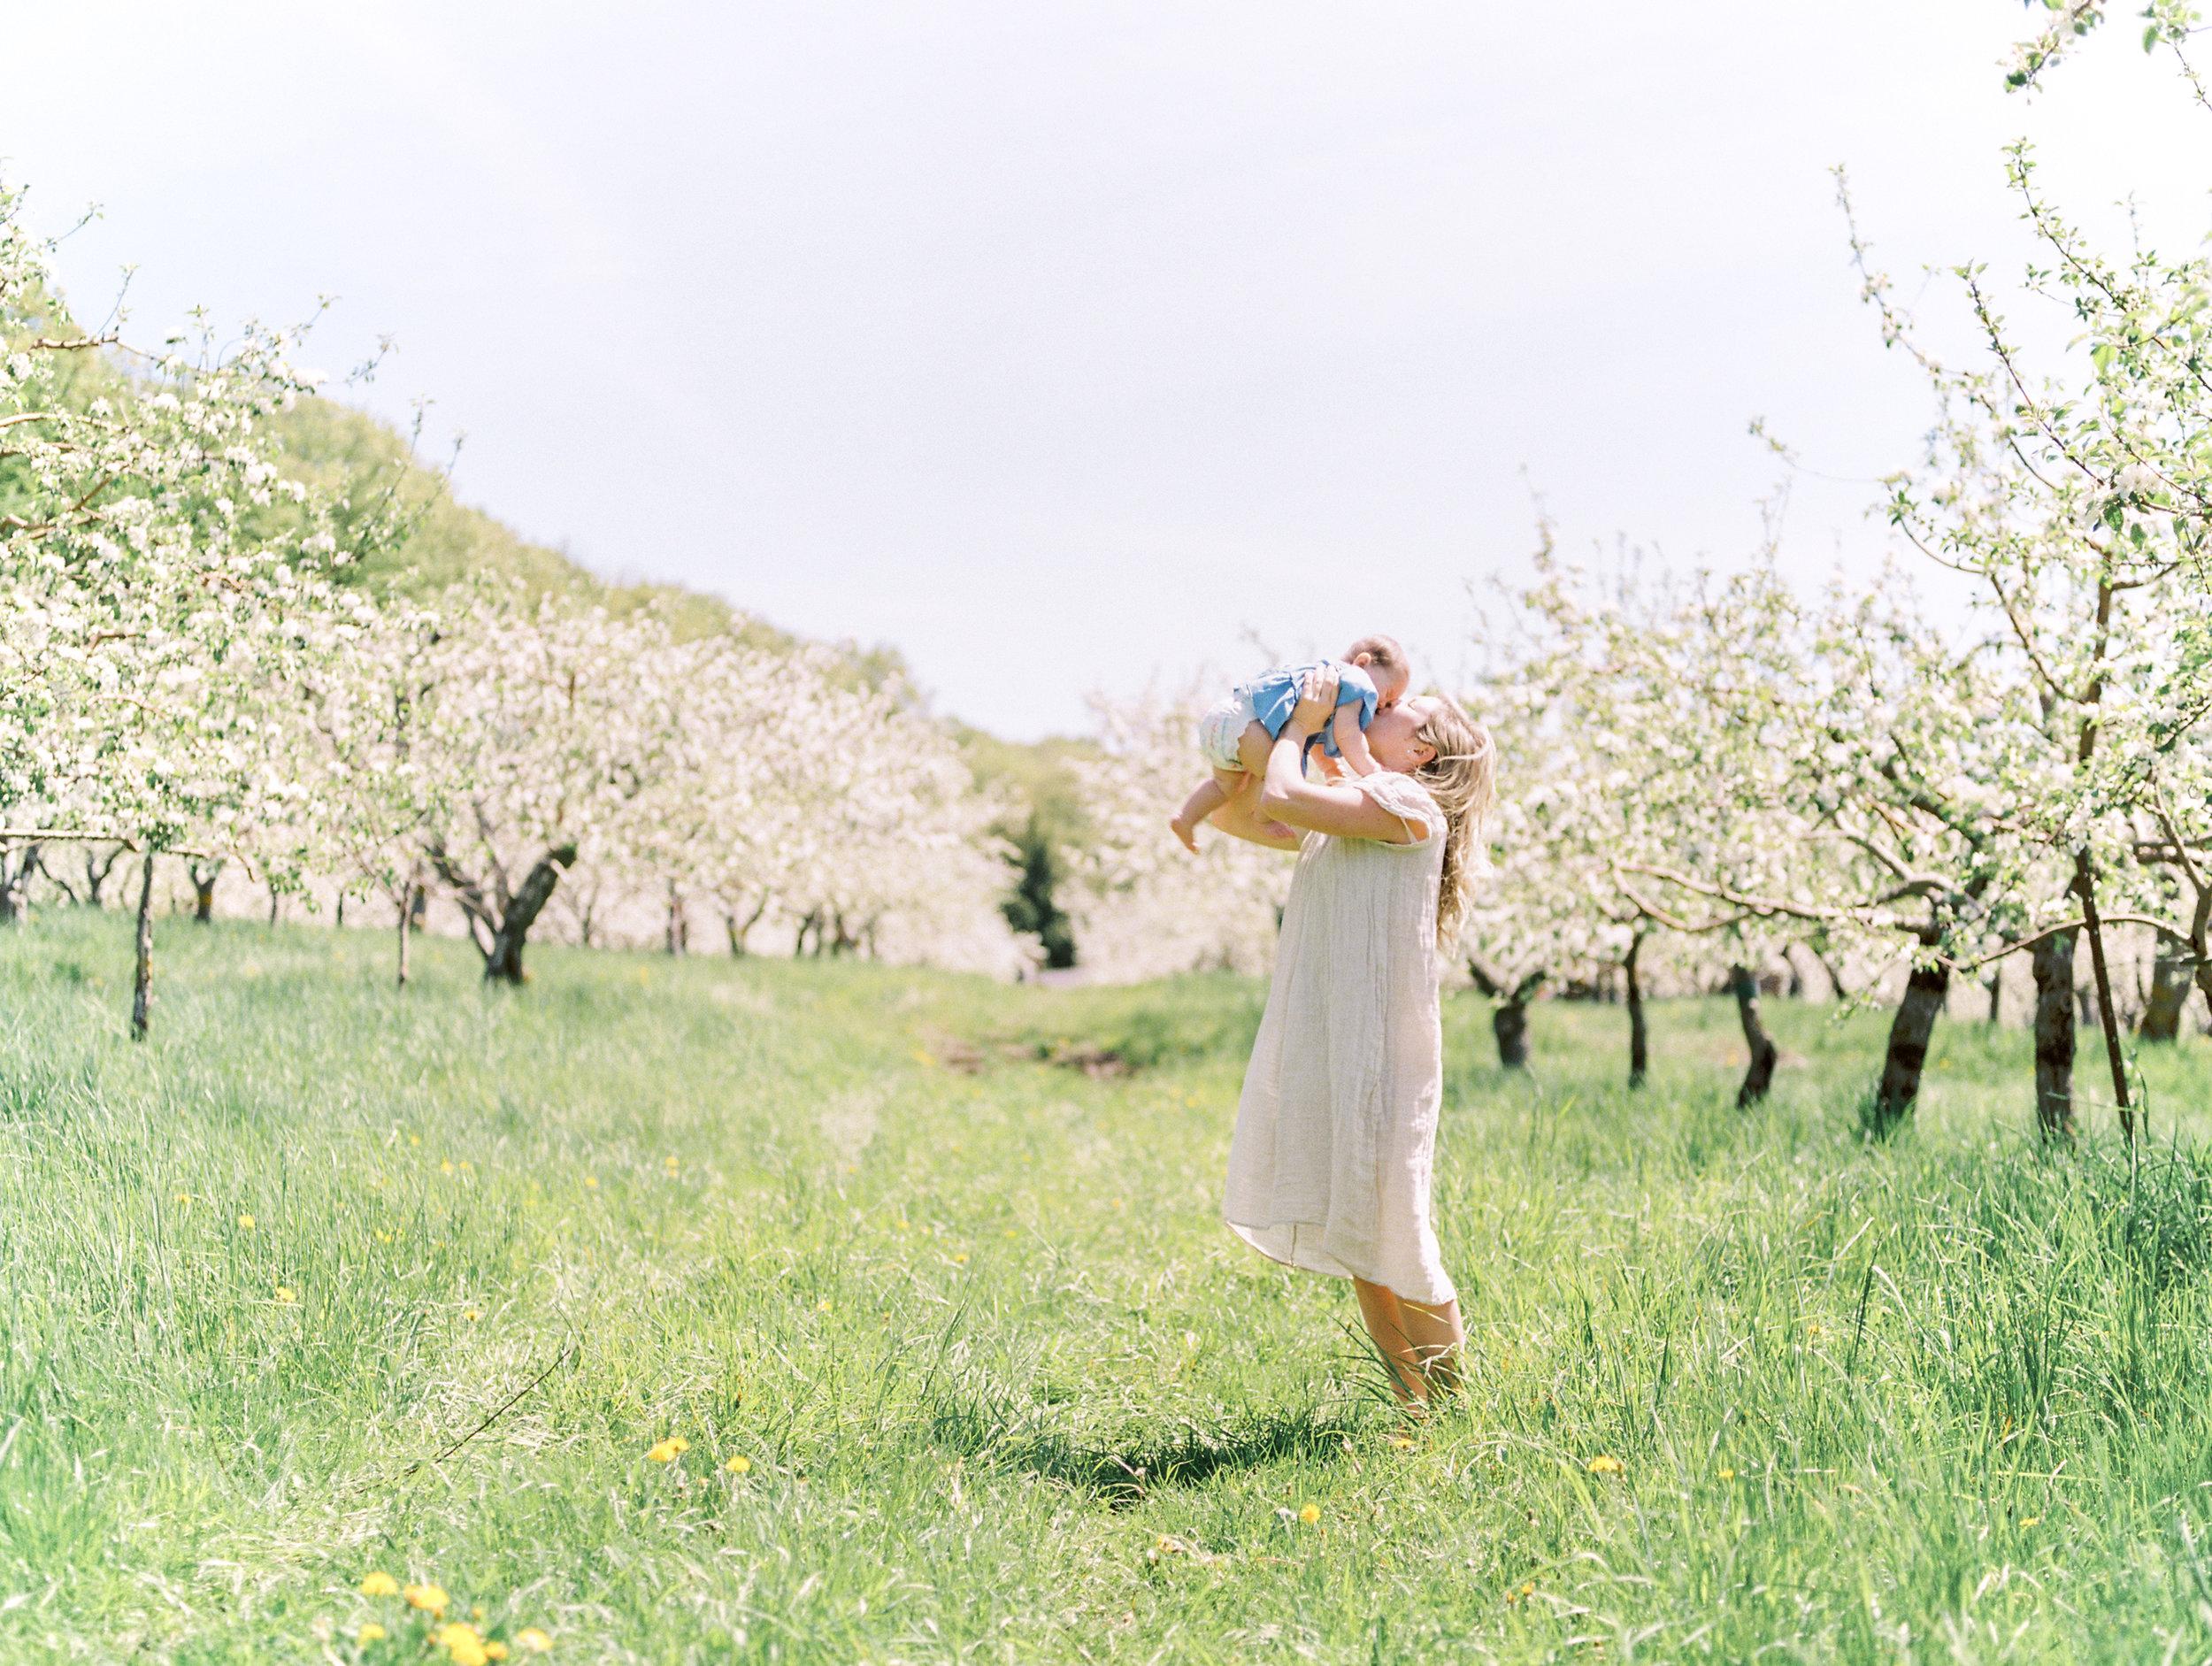 Elza Photographie_Josianne-FINAL-4.jpg